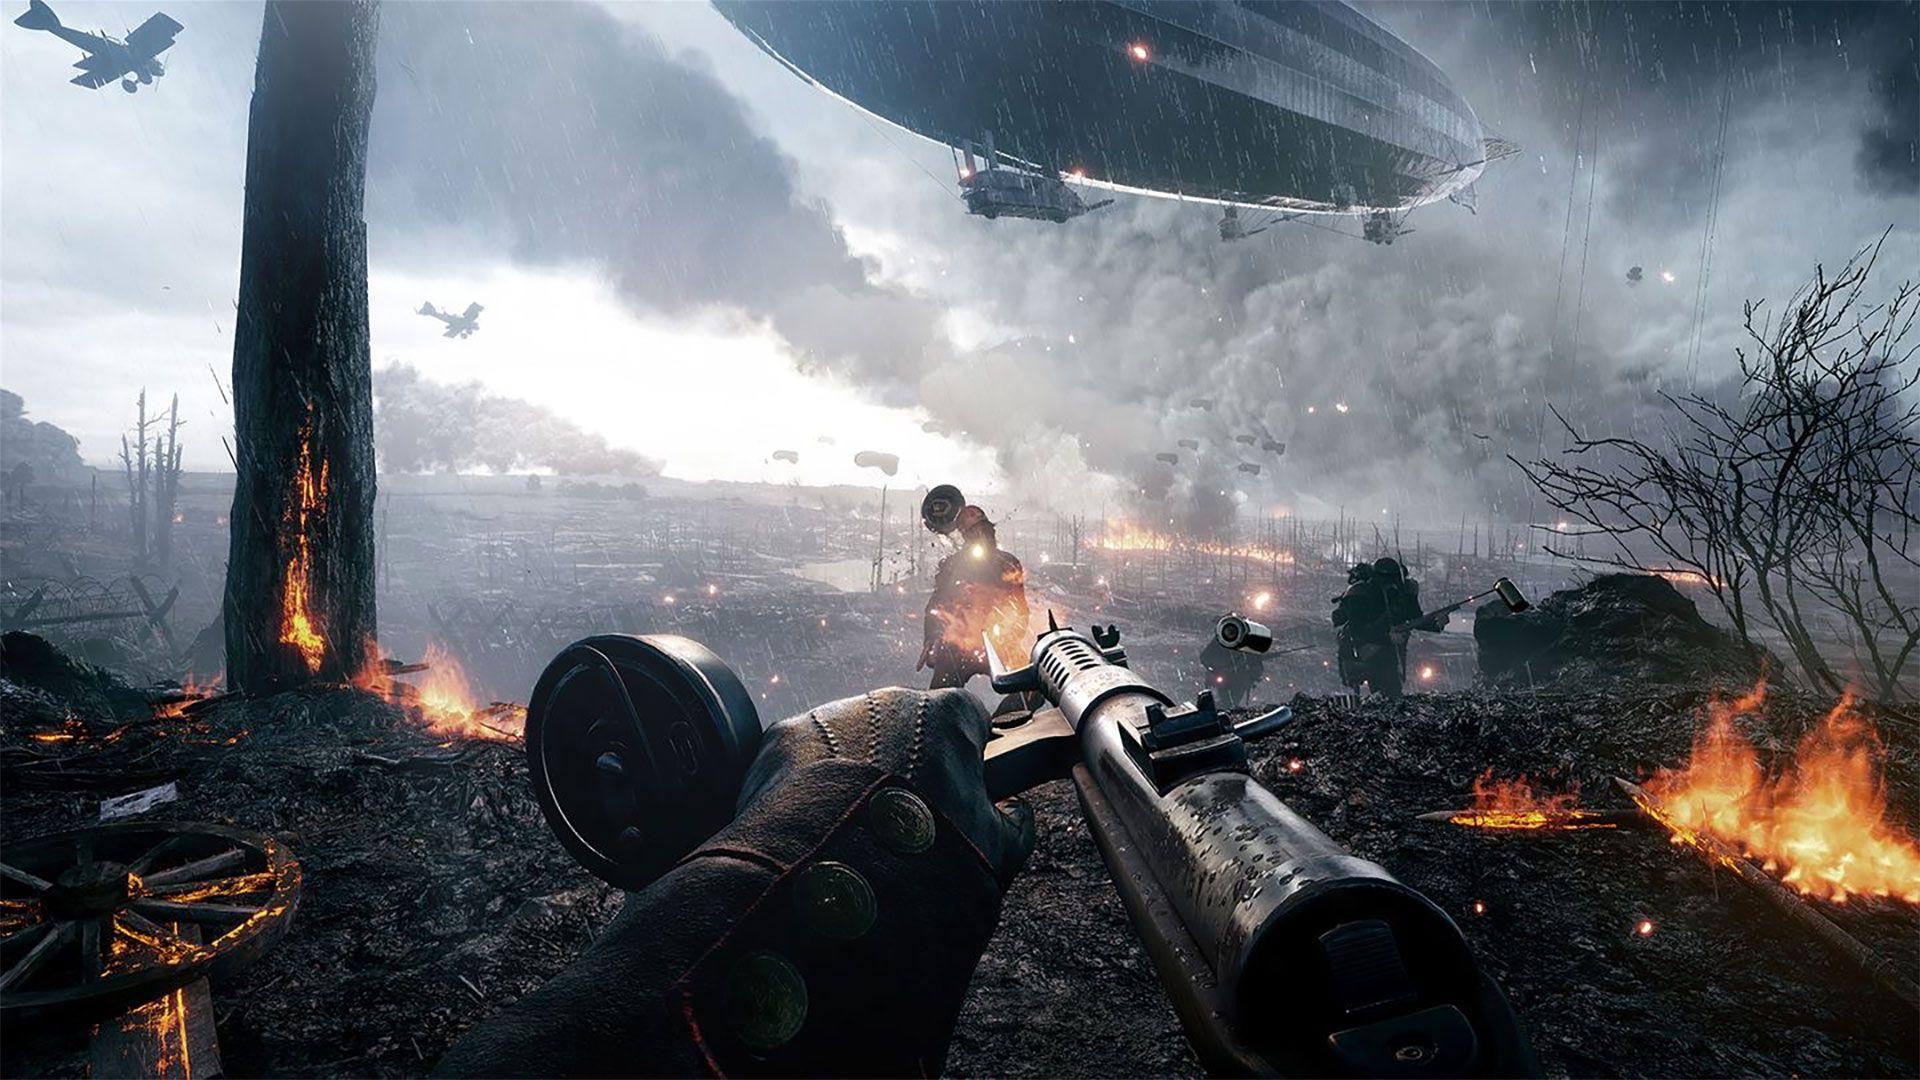 Battlefield 1 - aiming a gun on a flaming battlefield